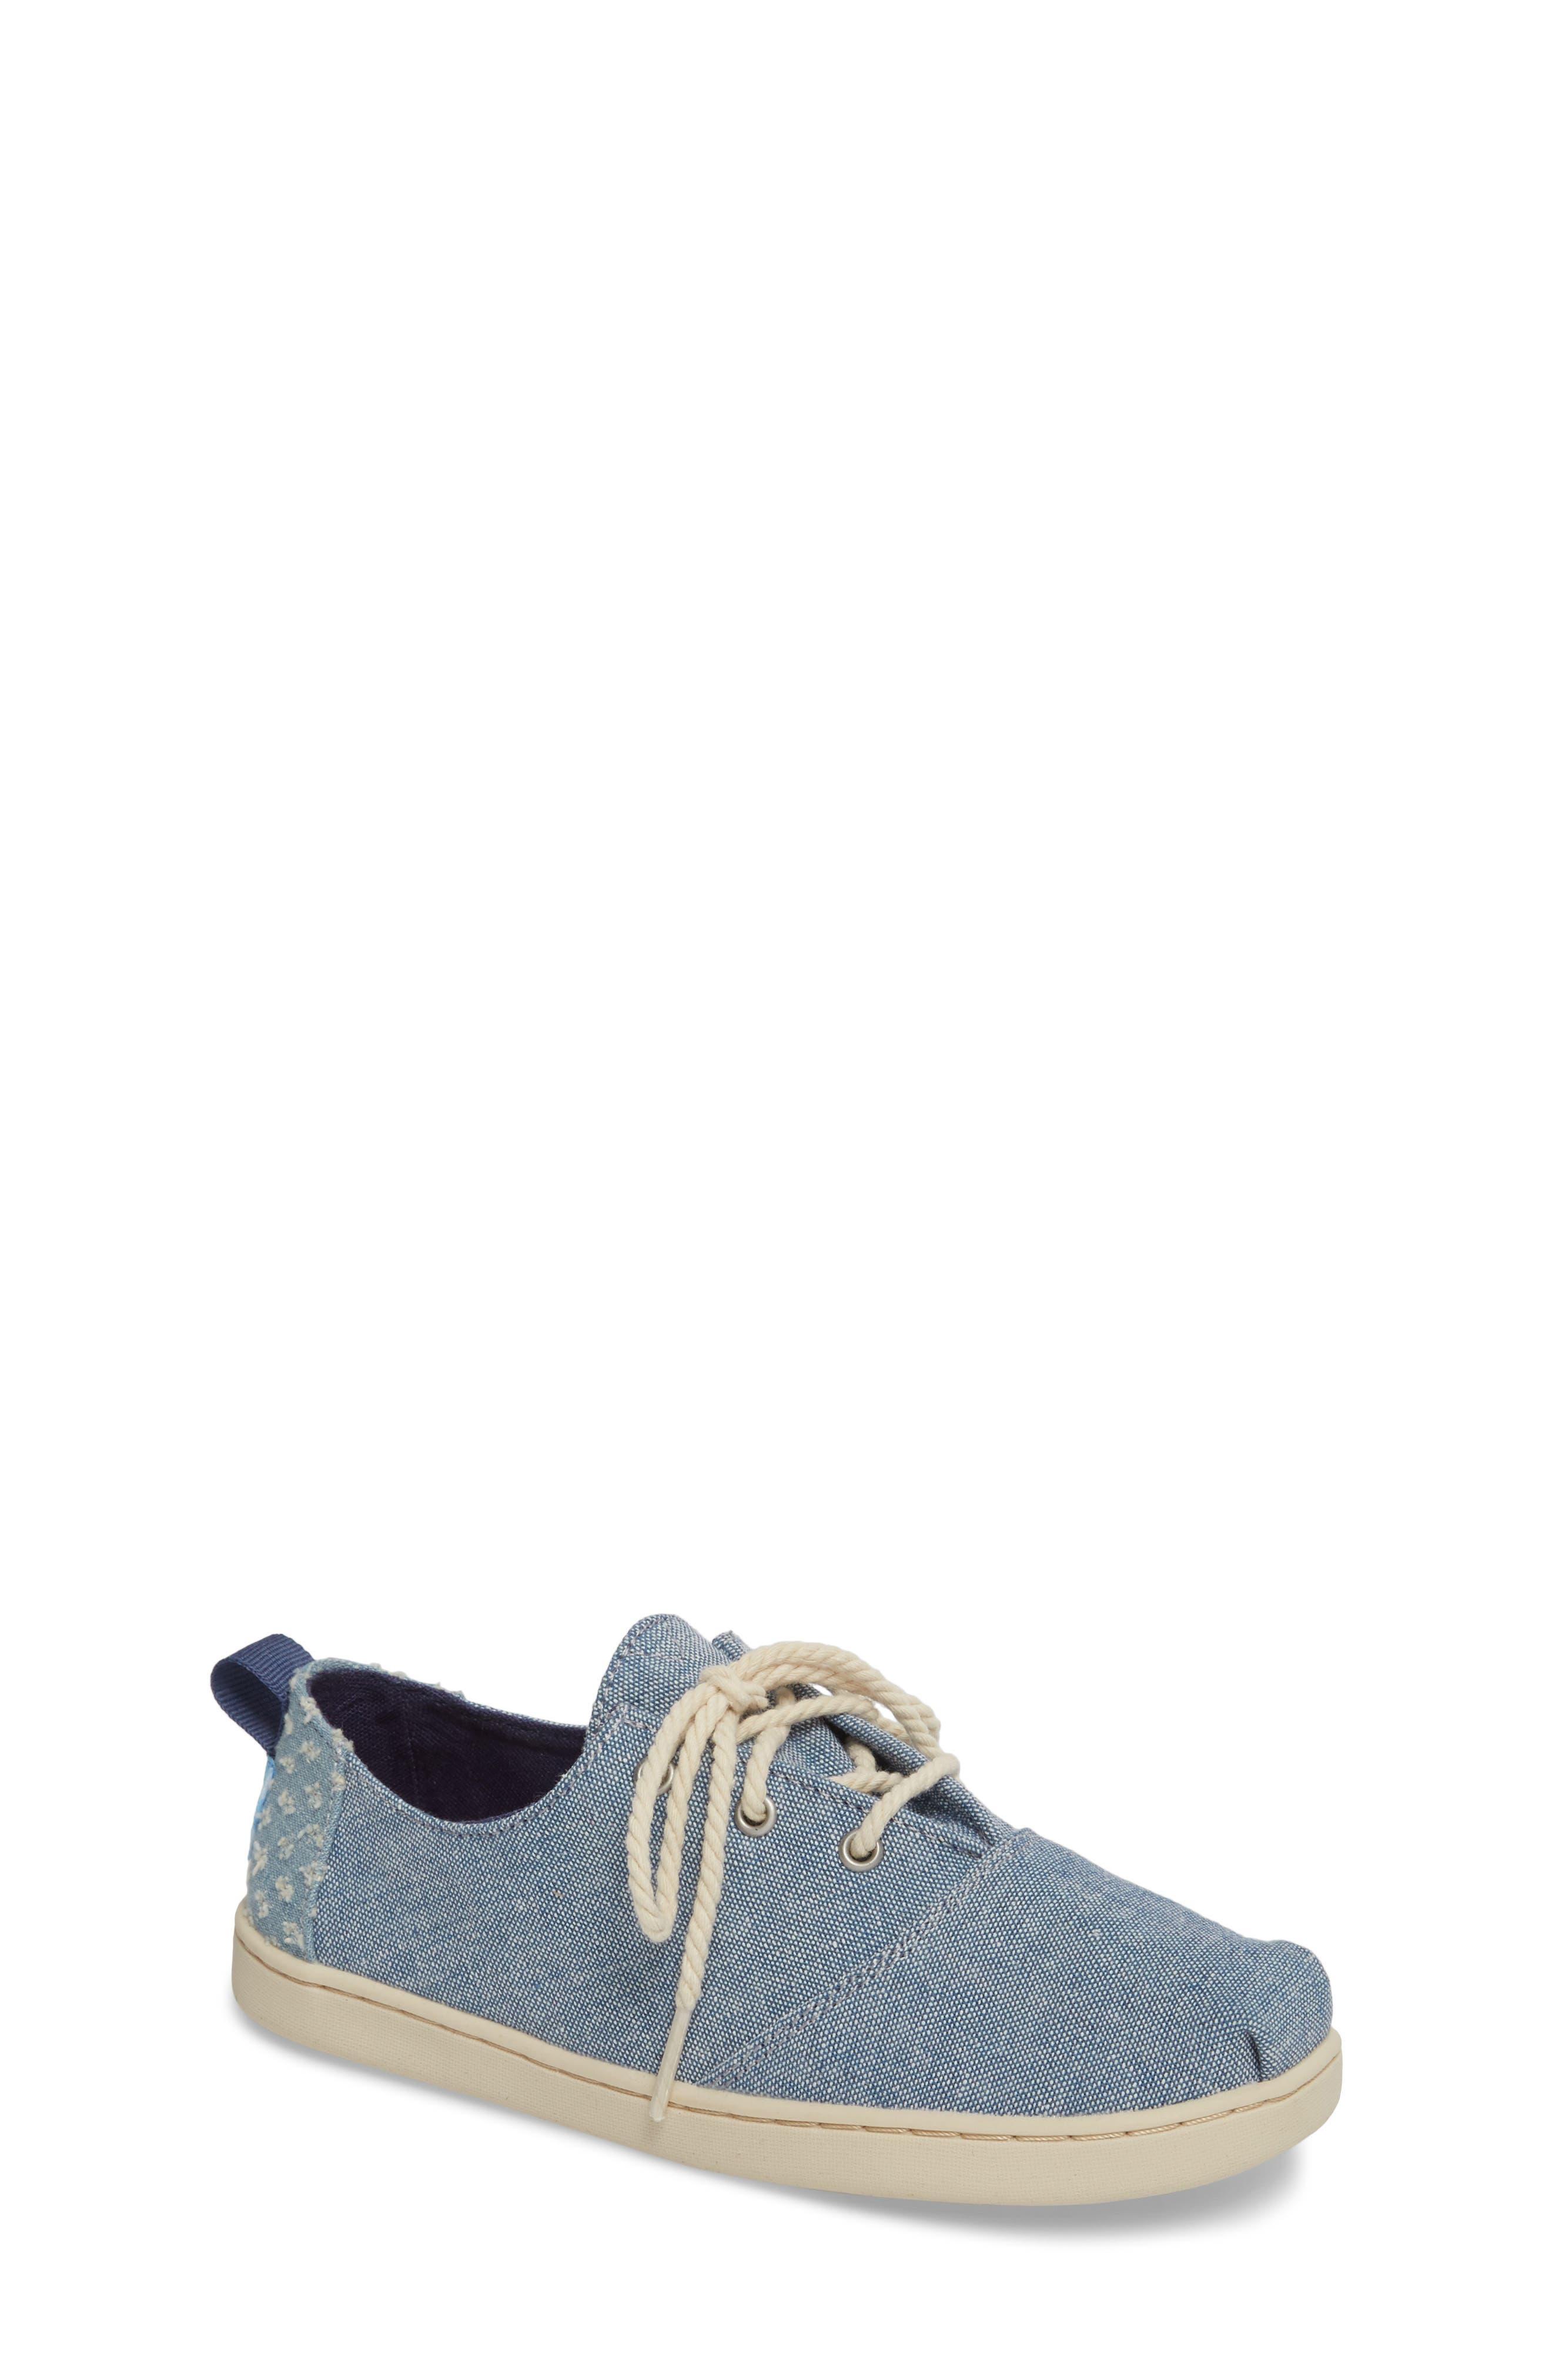 Lumin Sneaker,                             Main thumbnail 1, color,                             Blue Chambray